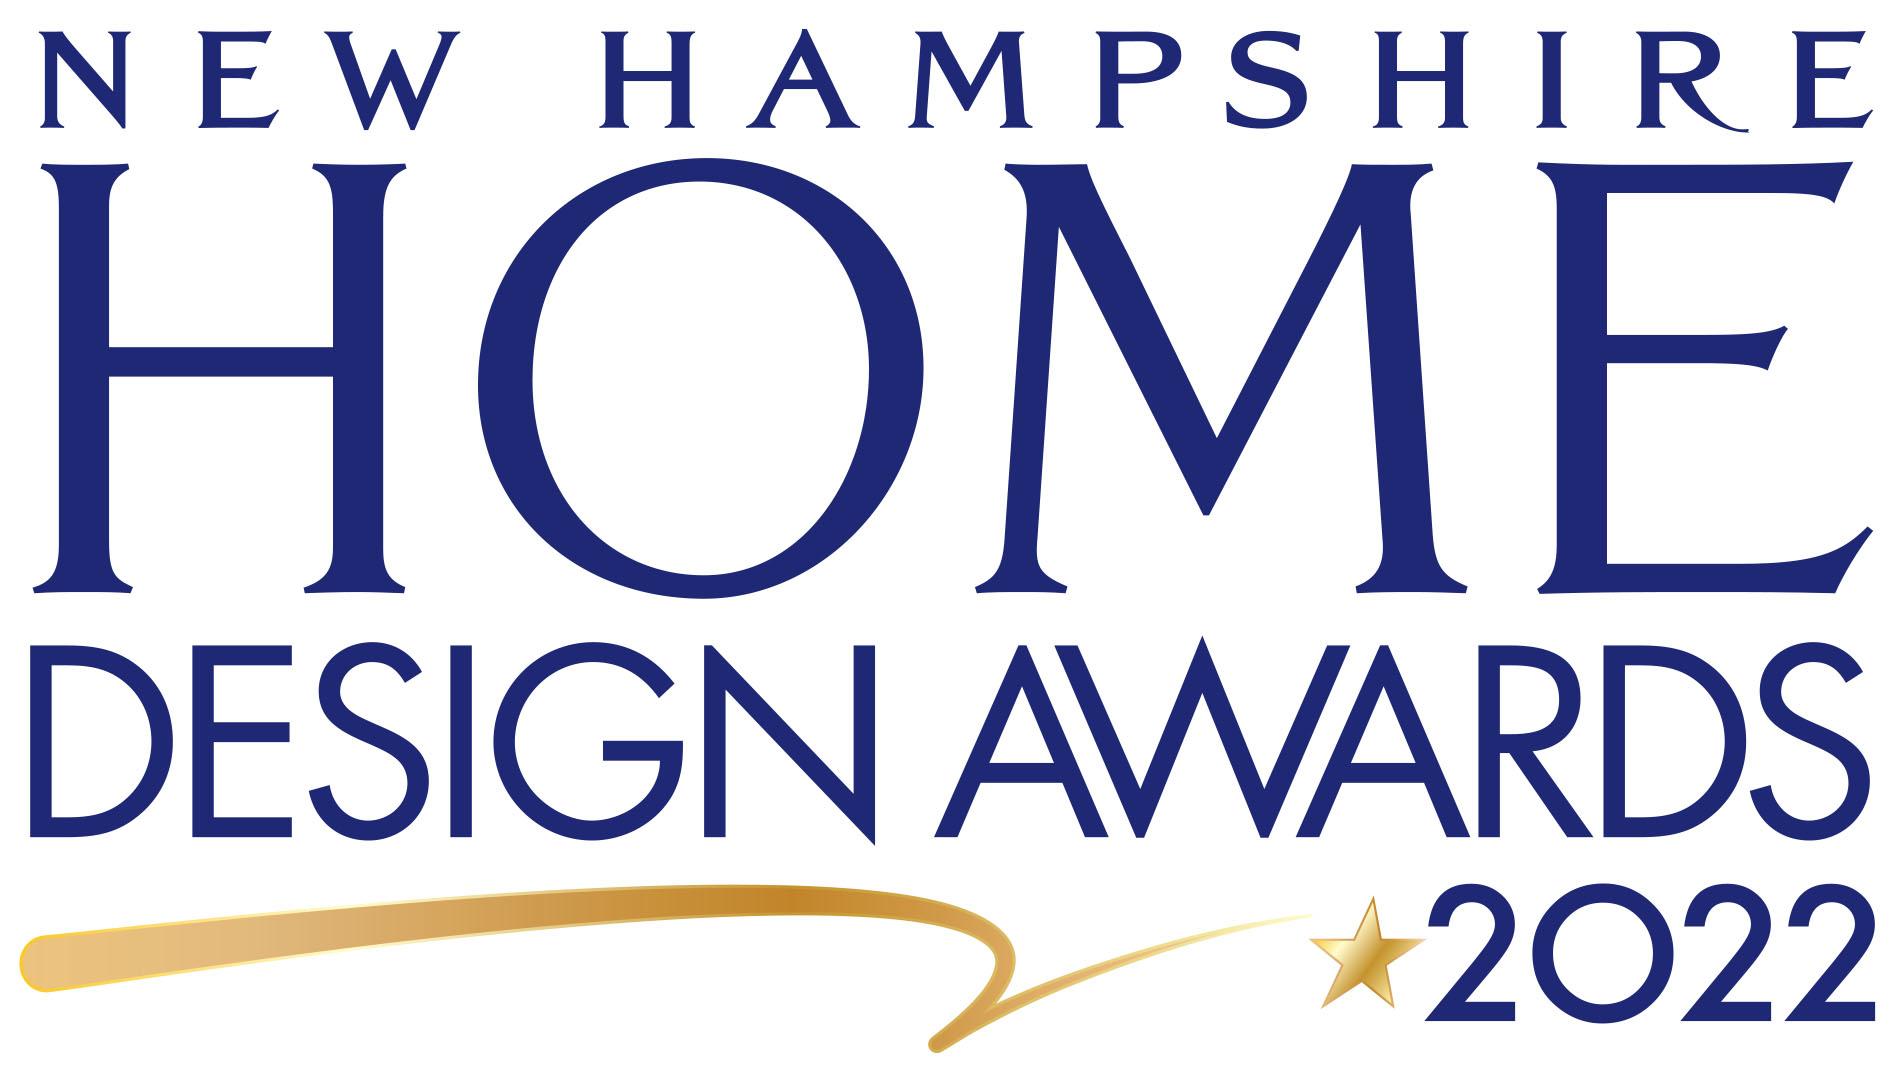 New Hampshire Home Design Awards